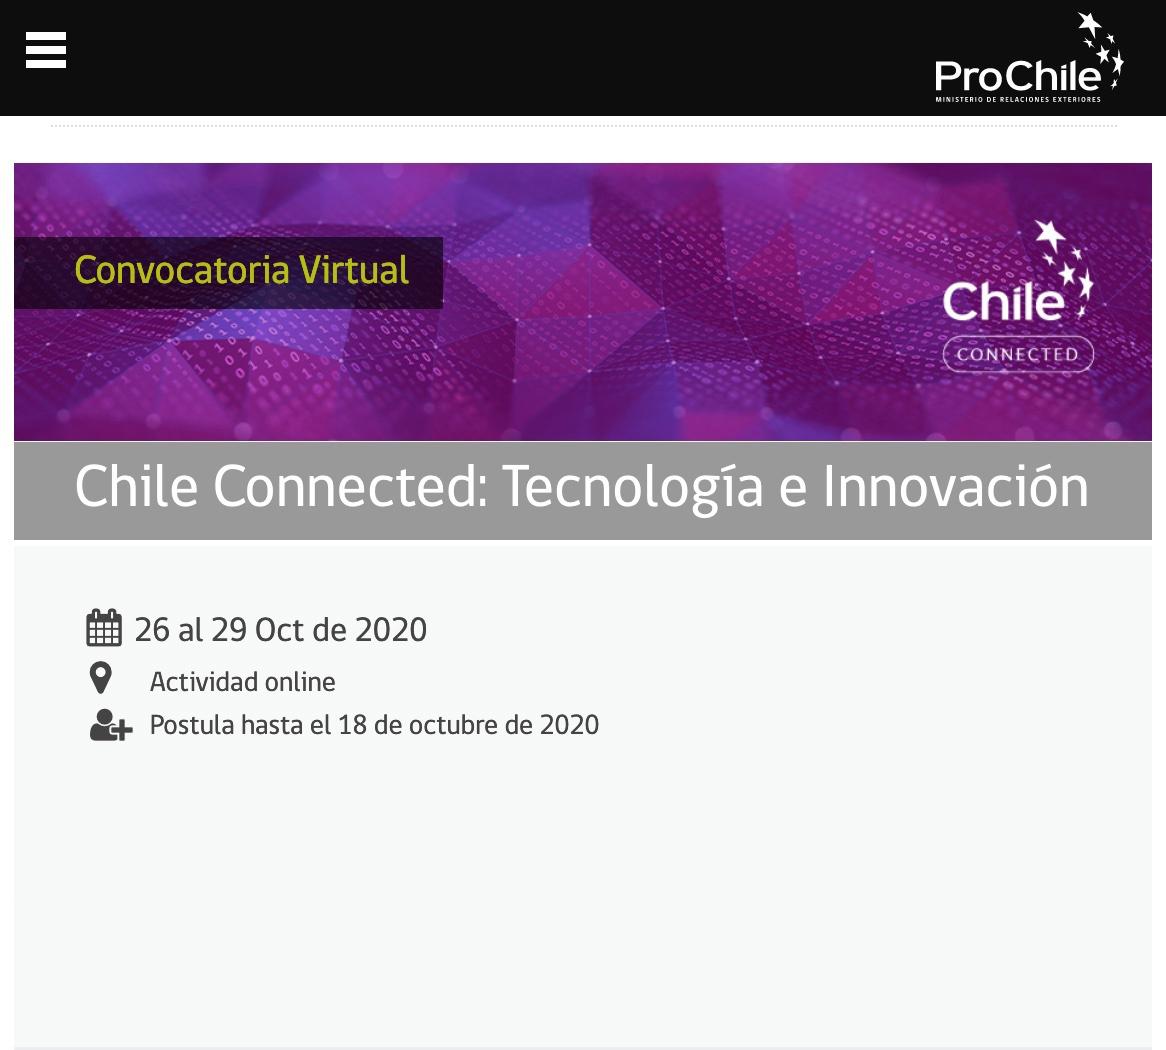 Chile Connected - Tecnología e Innovación